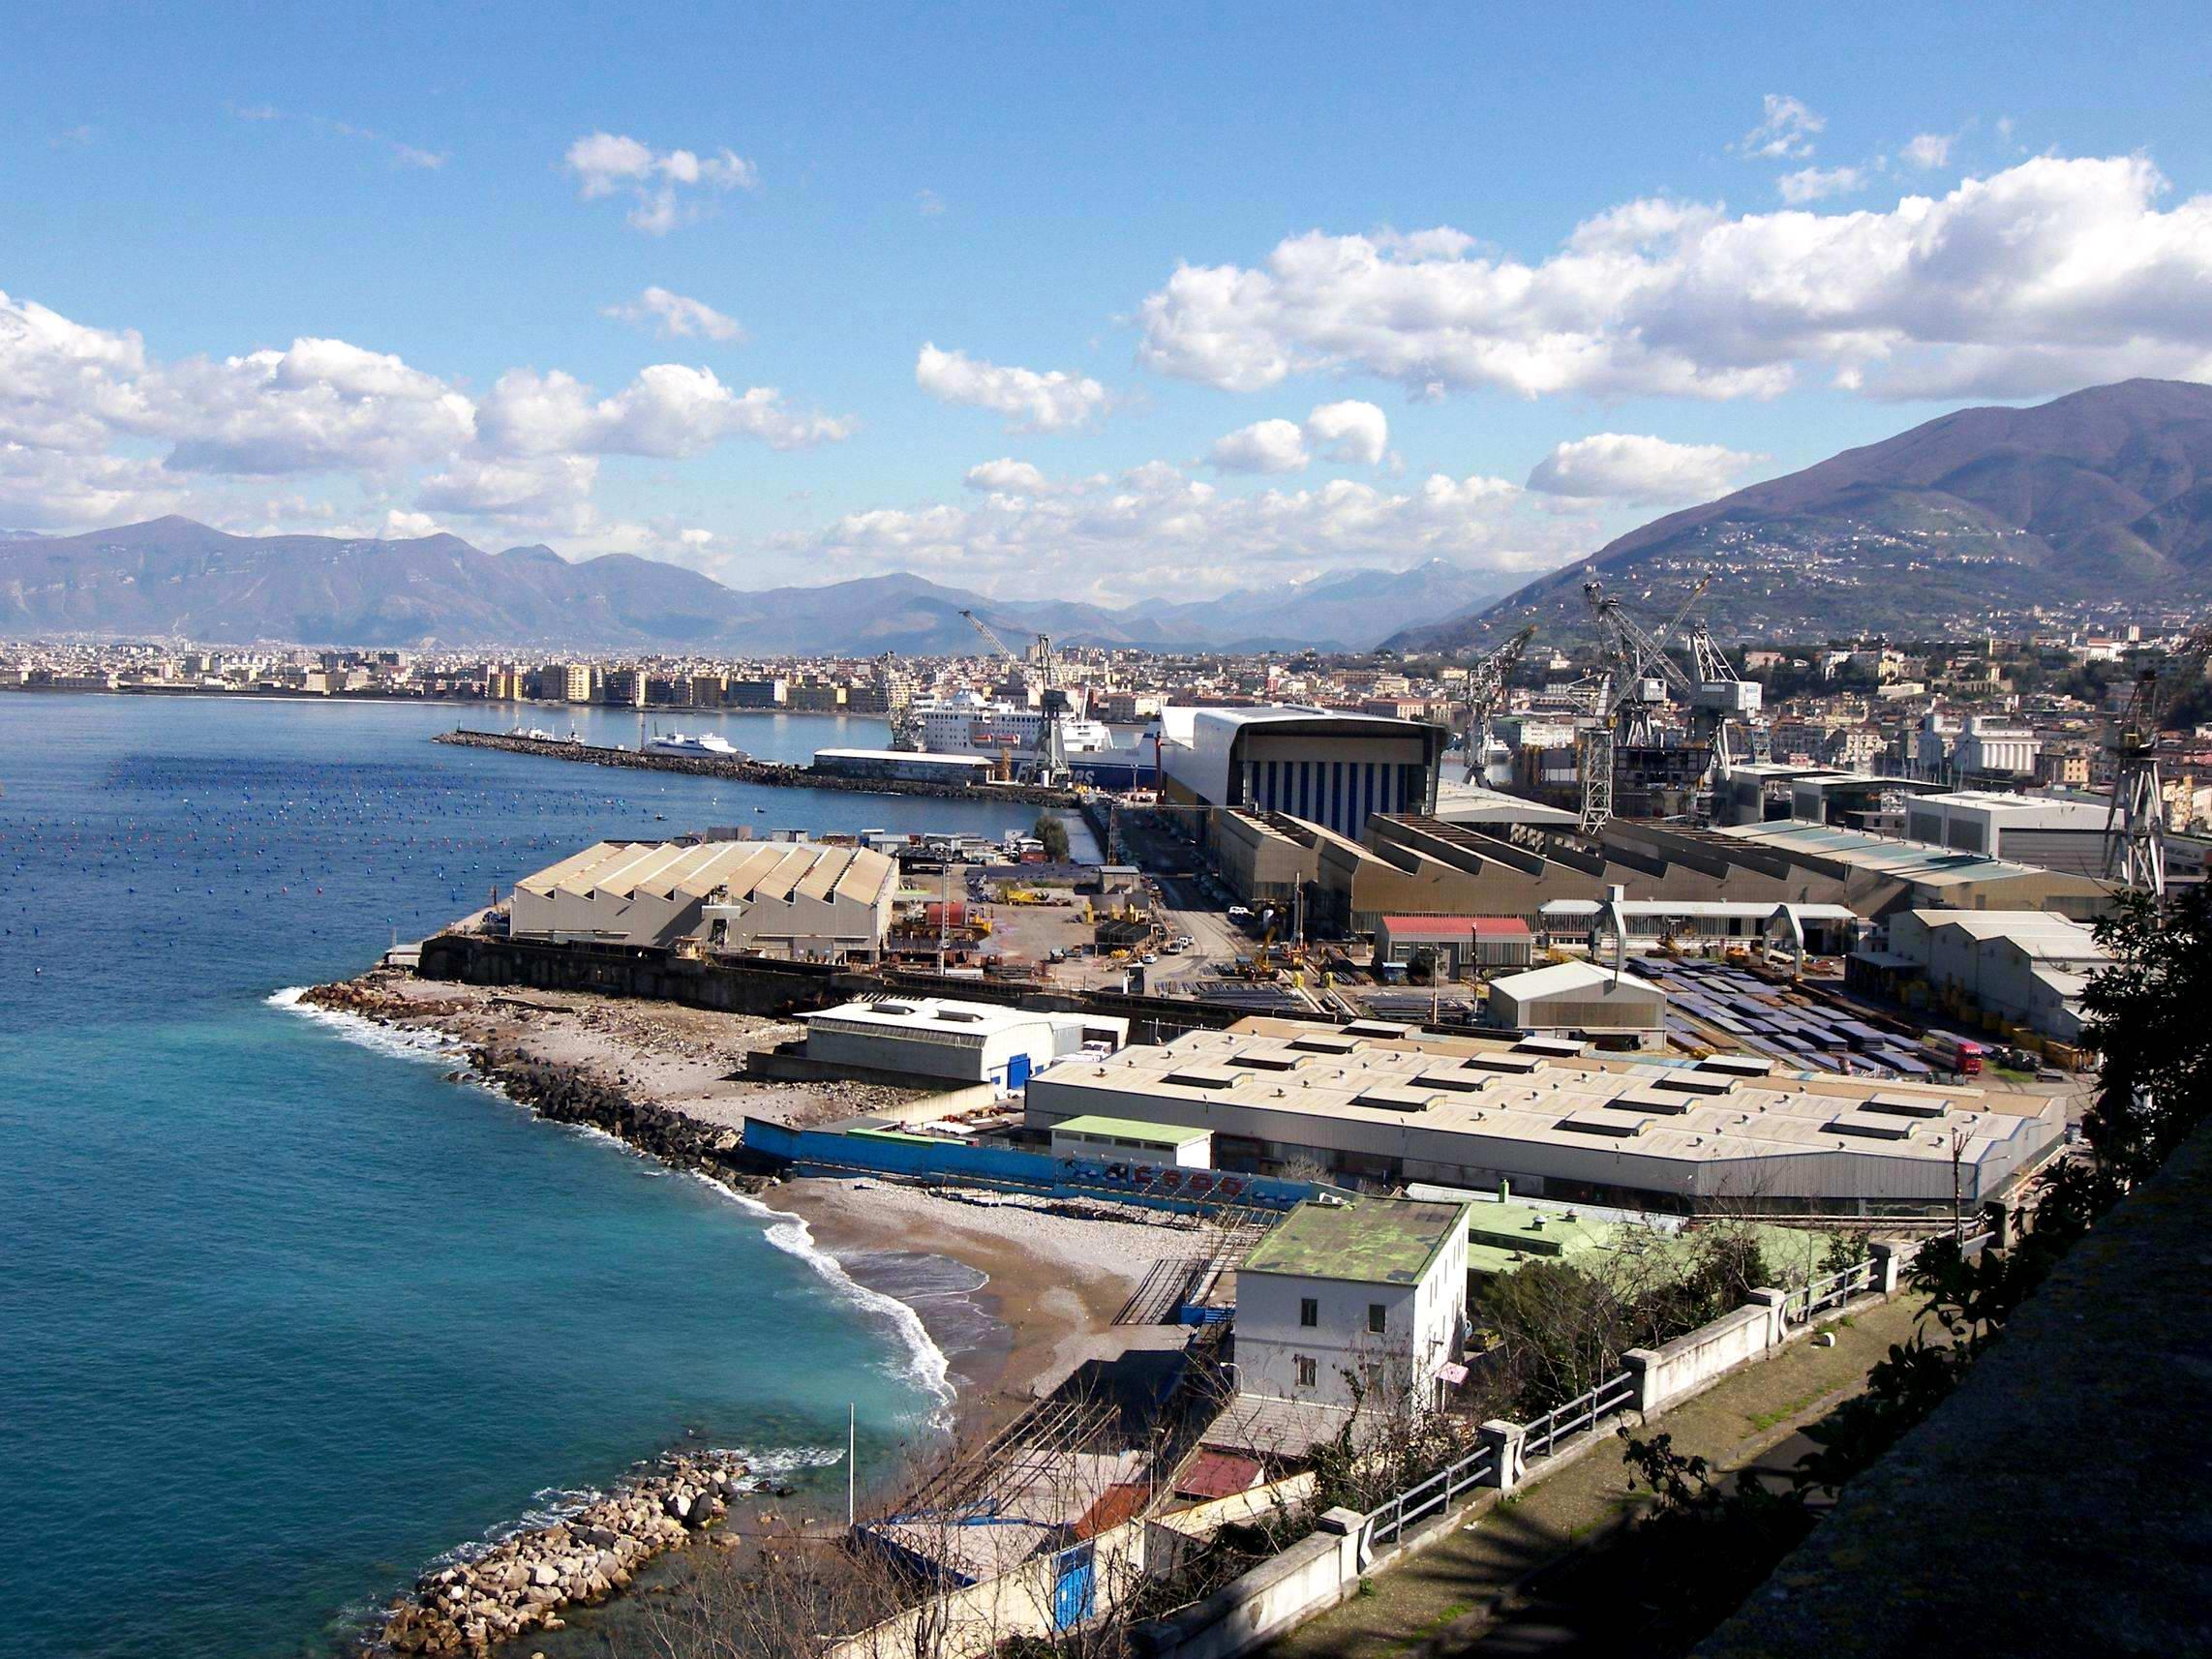 cantiere_navale_castellammare_fontanella